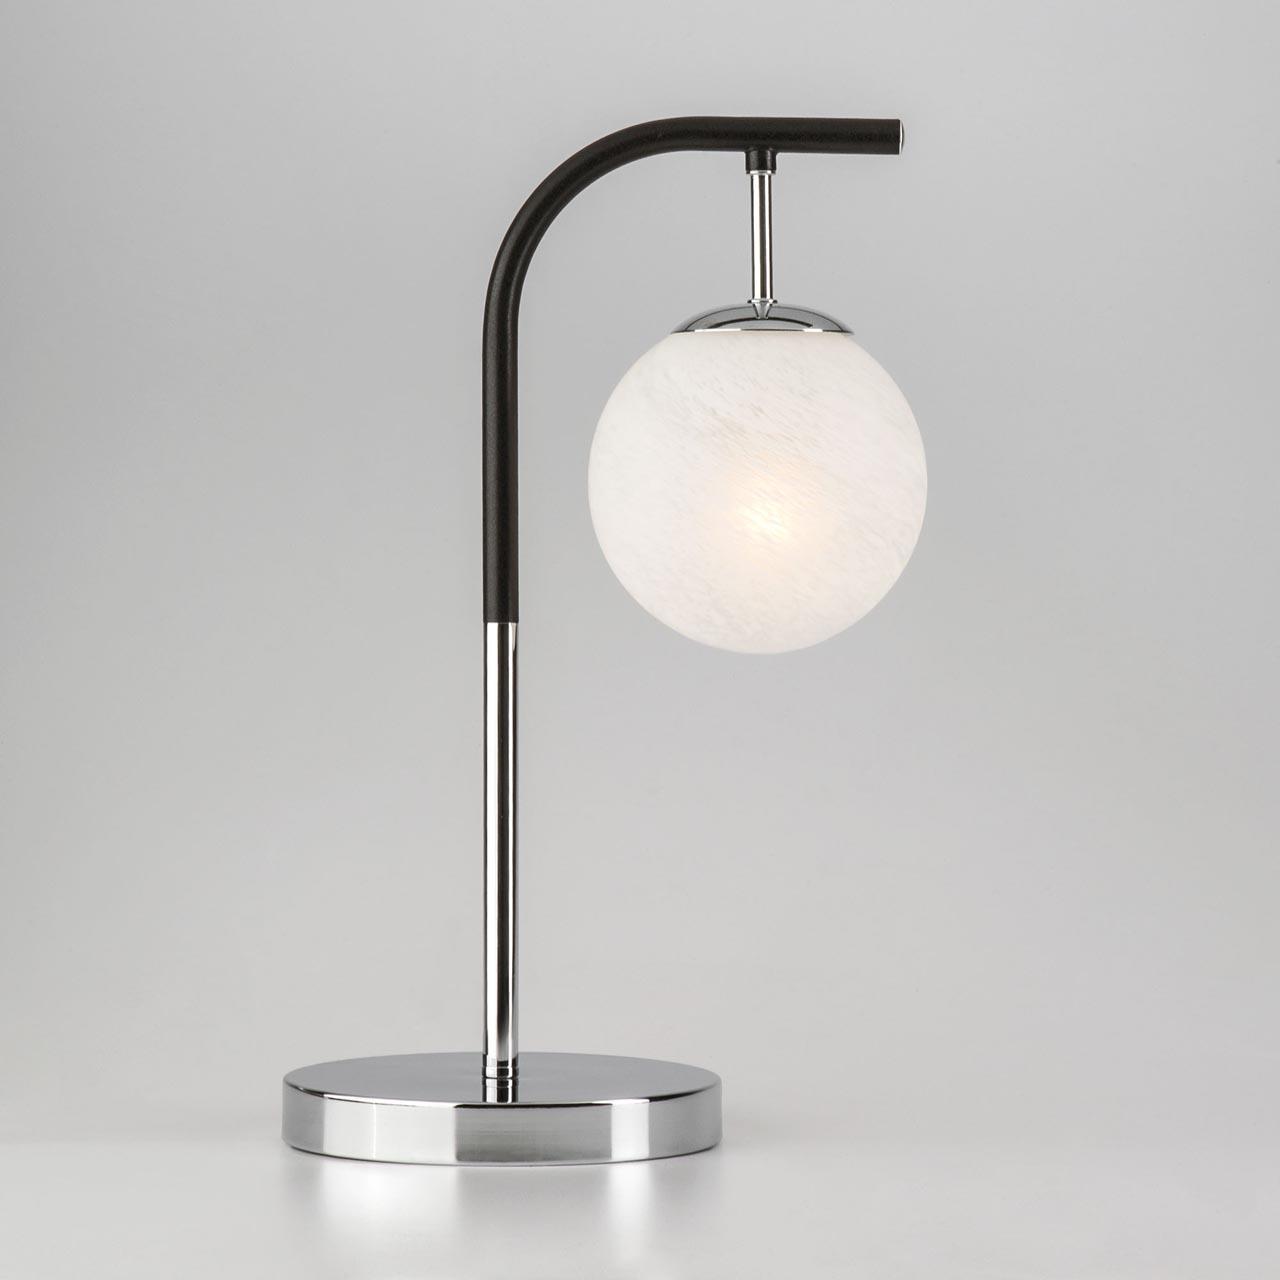 Настольная лампа Eurosvet Globe 01039/1 хром/черный